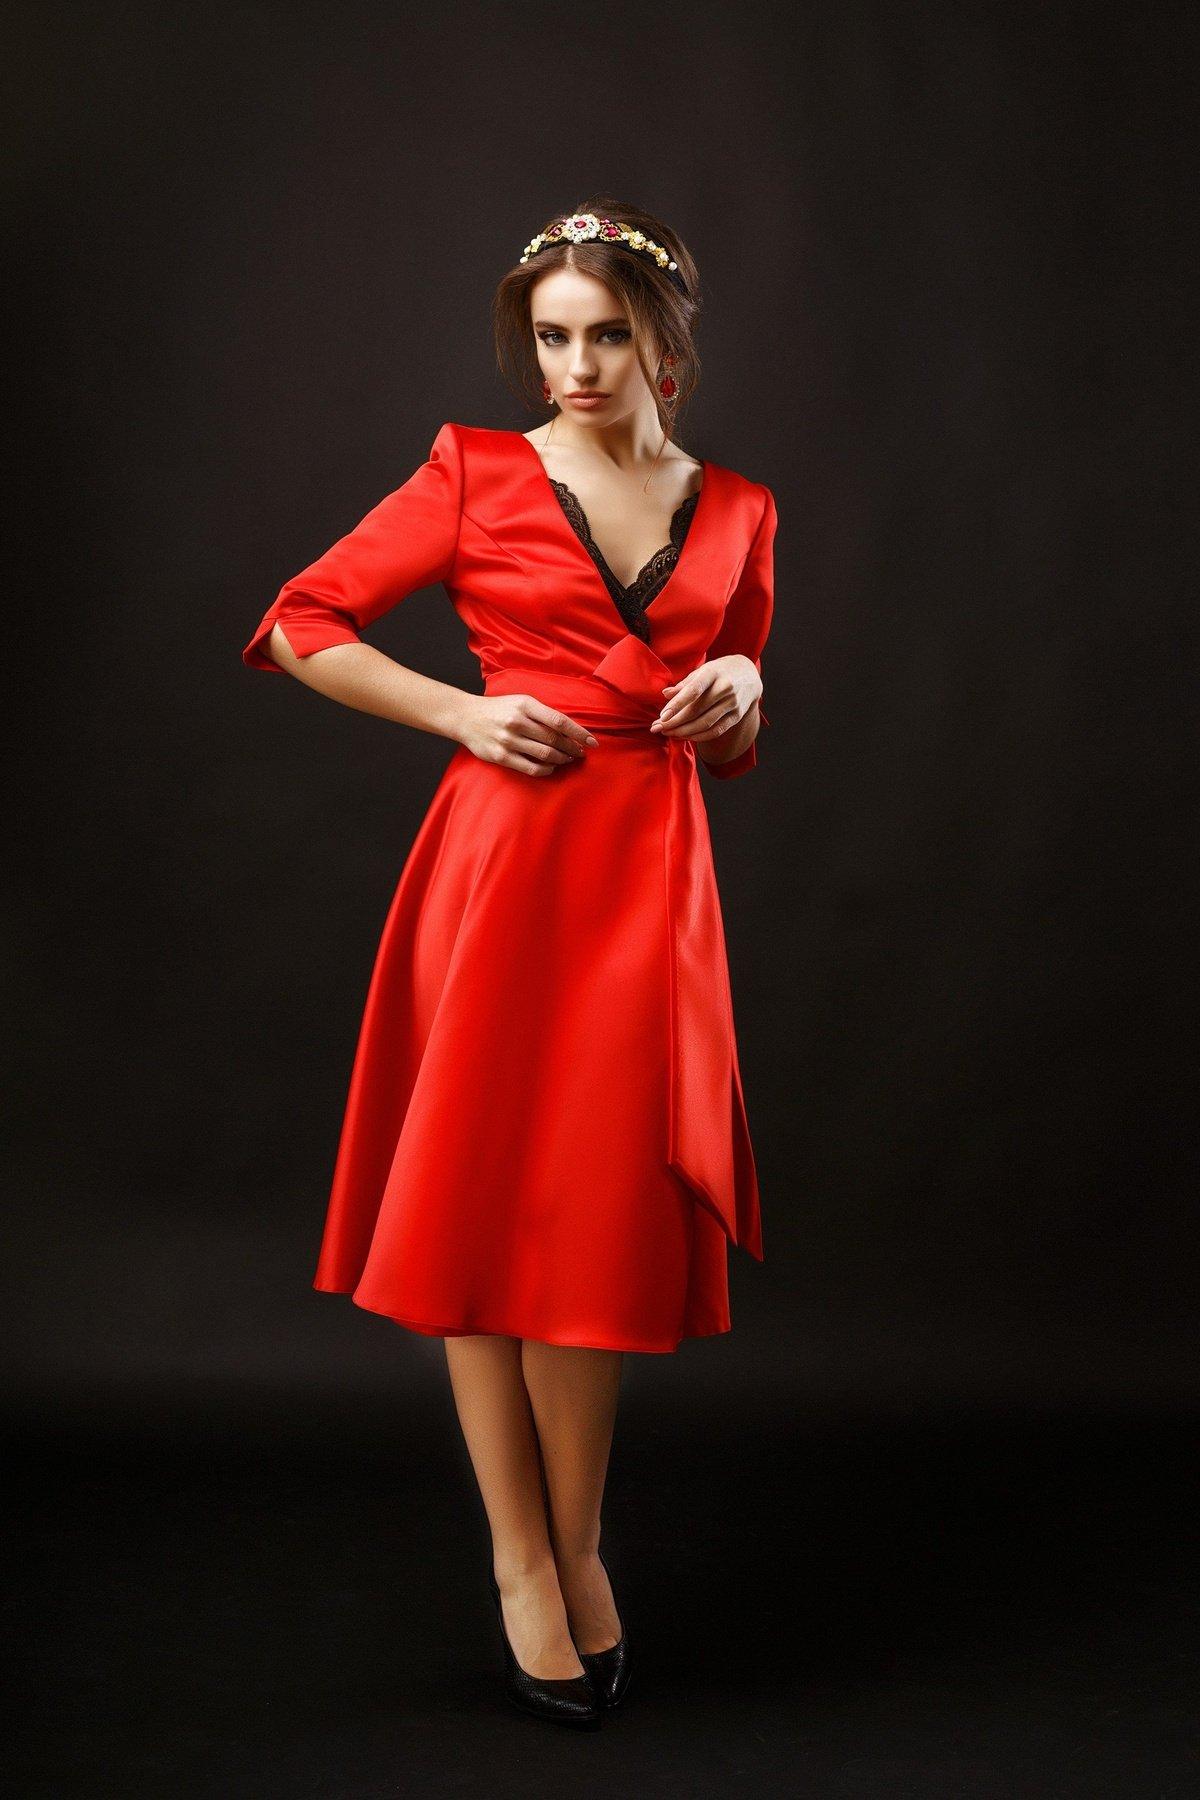 Сукня Luna Red - купити коктейльні сукні та вечірні сукні Olya Mak c2c28711715bb